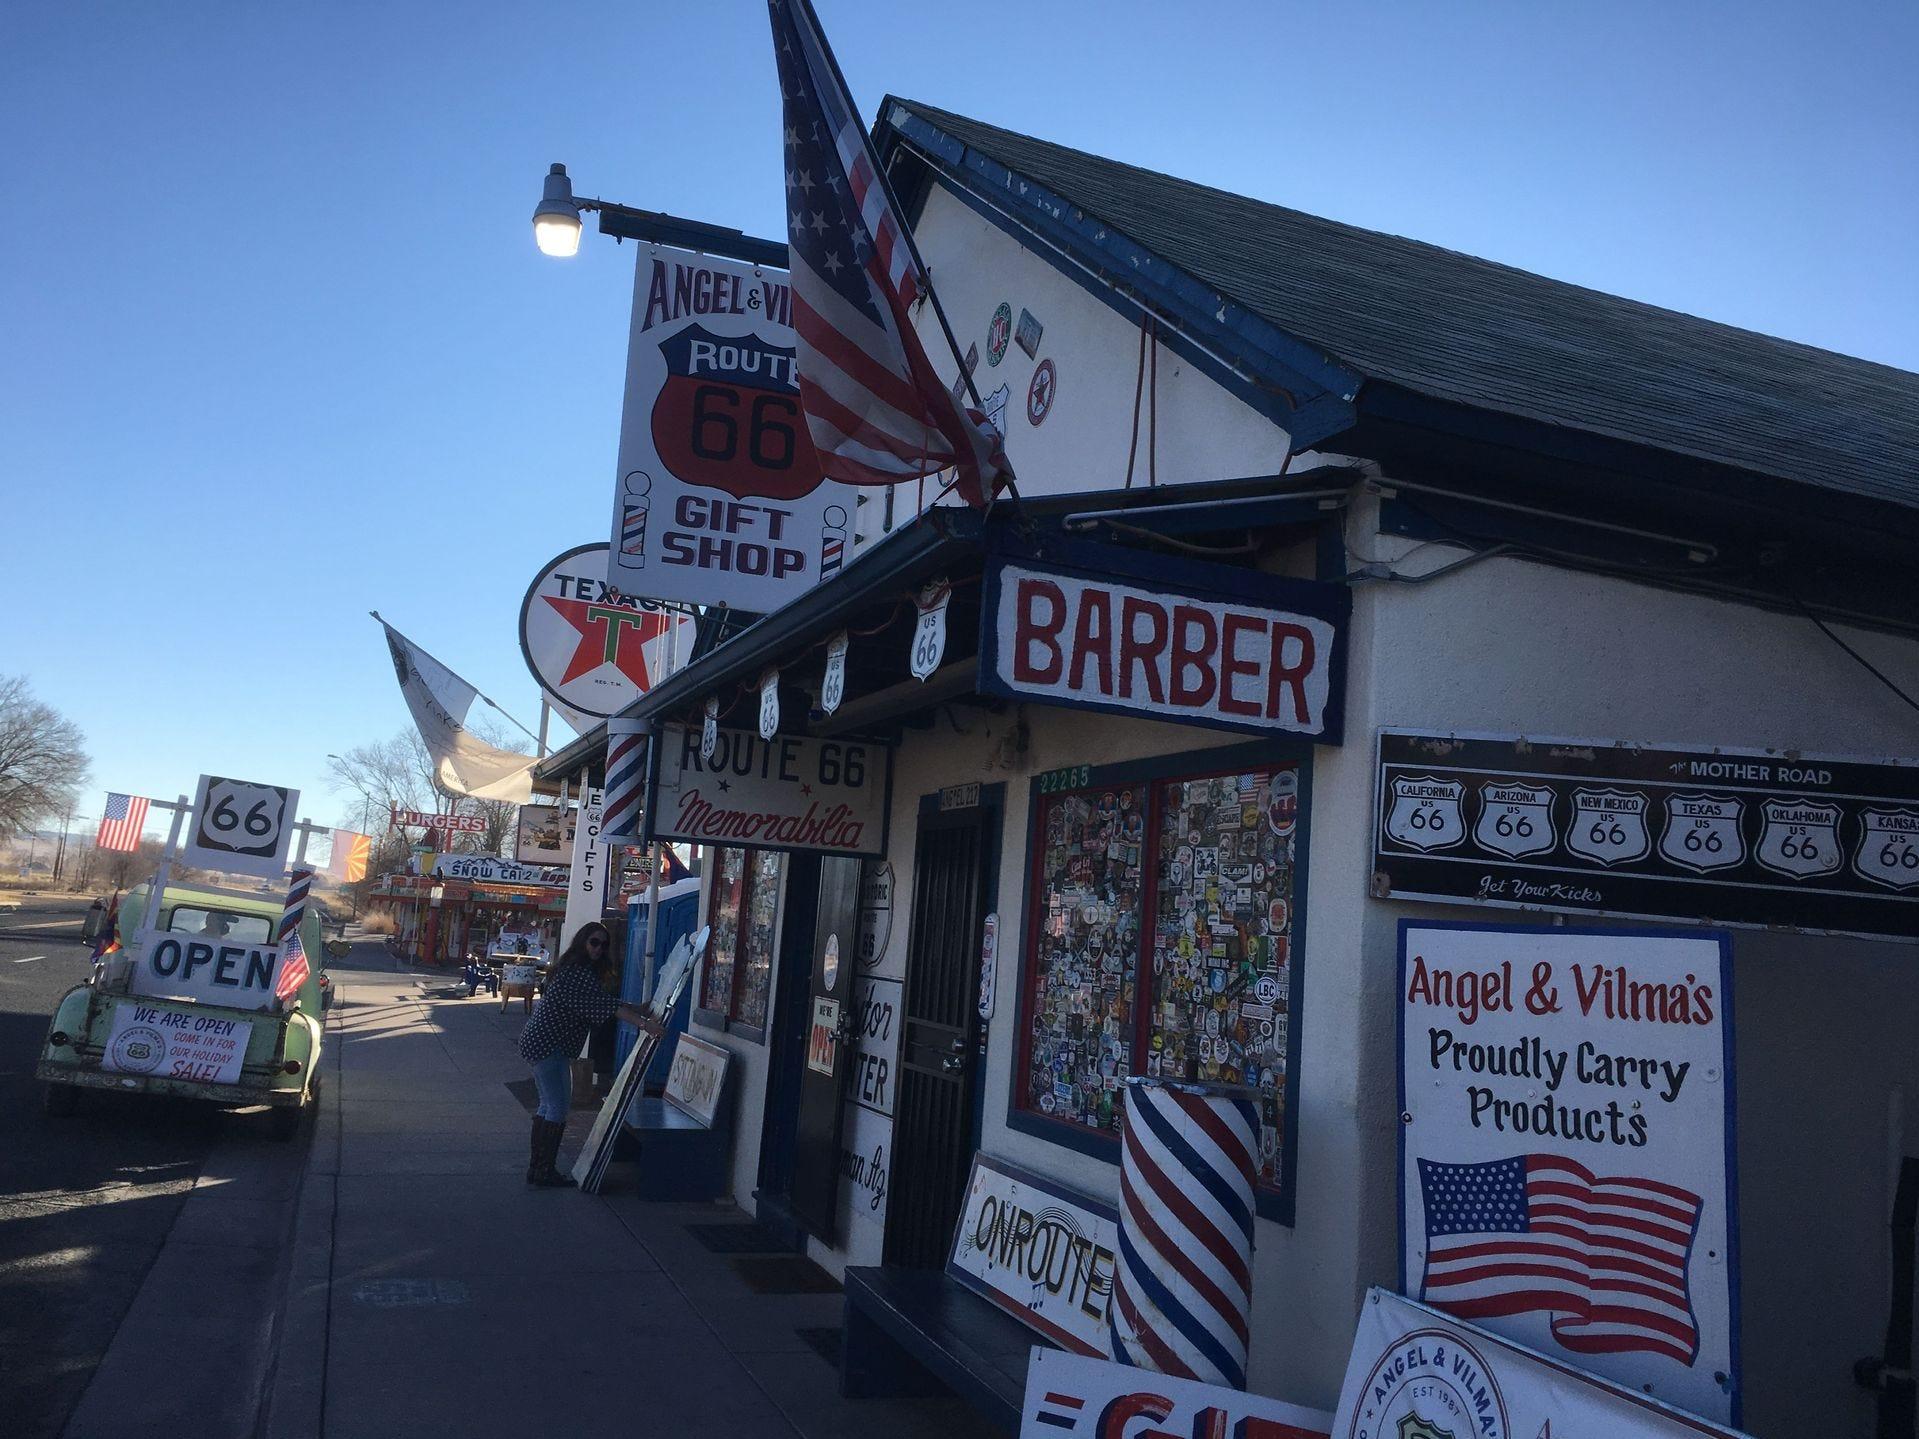 Angel Delgadillo comenzó a vender recuerdos de la Ruta 66 con la esperanza de generar interés en la carretera abandonada. Su tienda de regalos ahora es una de las paradas más populares de Seligman.